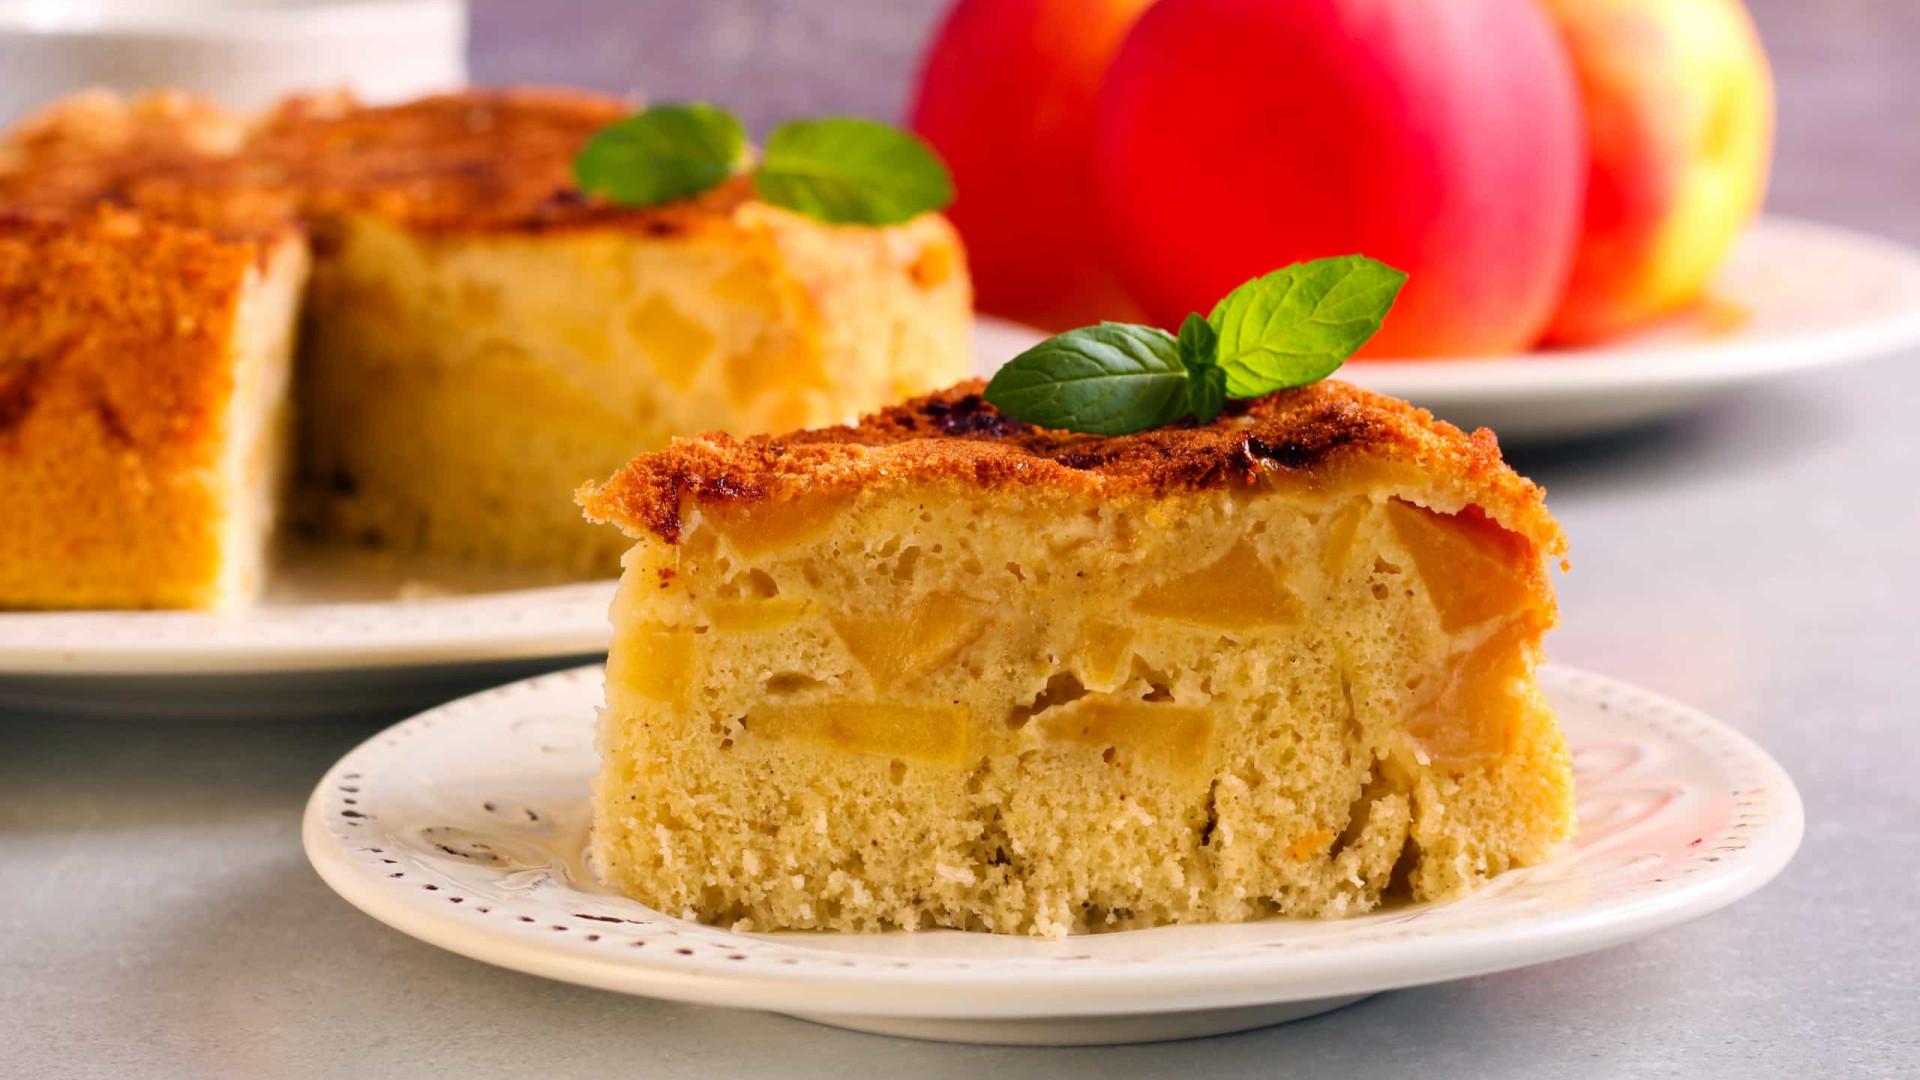 Aprenda a fazer este delicioso bolo de maçã e canela